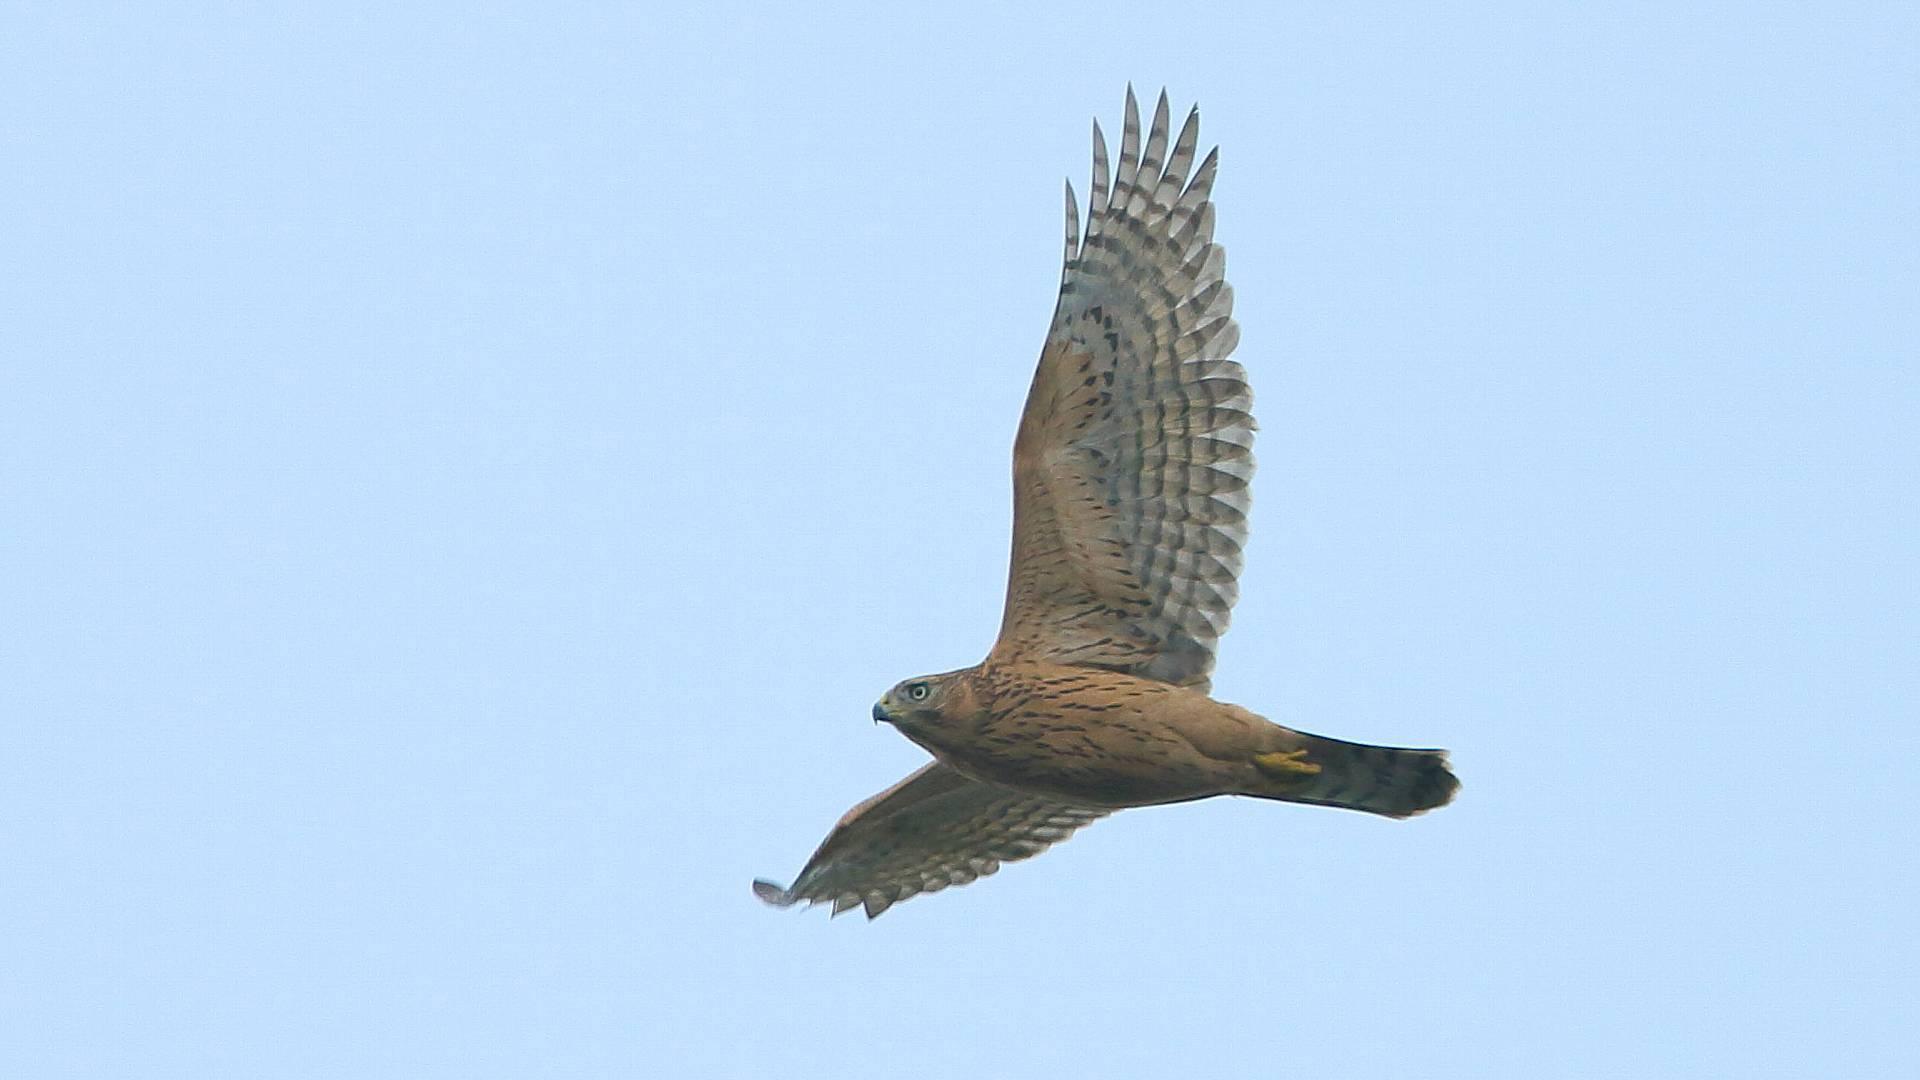 飛距離が伸びてきたオオタカ幼鳥_f0105570_20580501.jpg